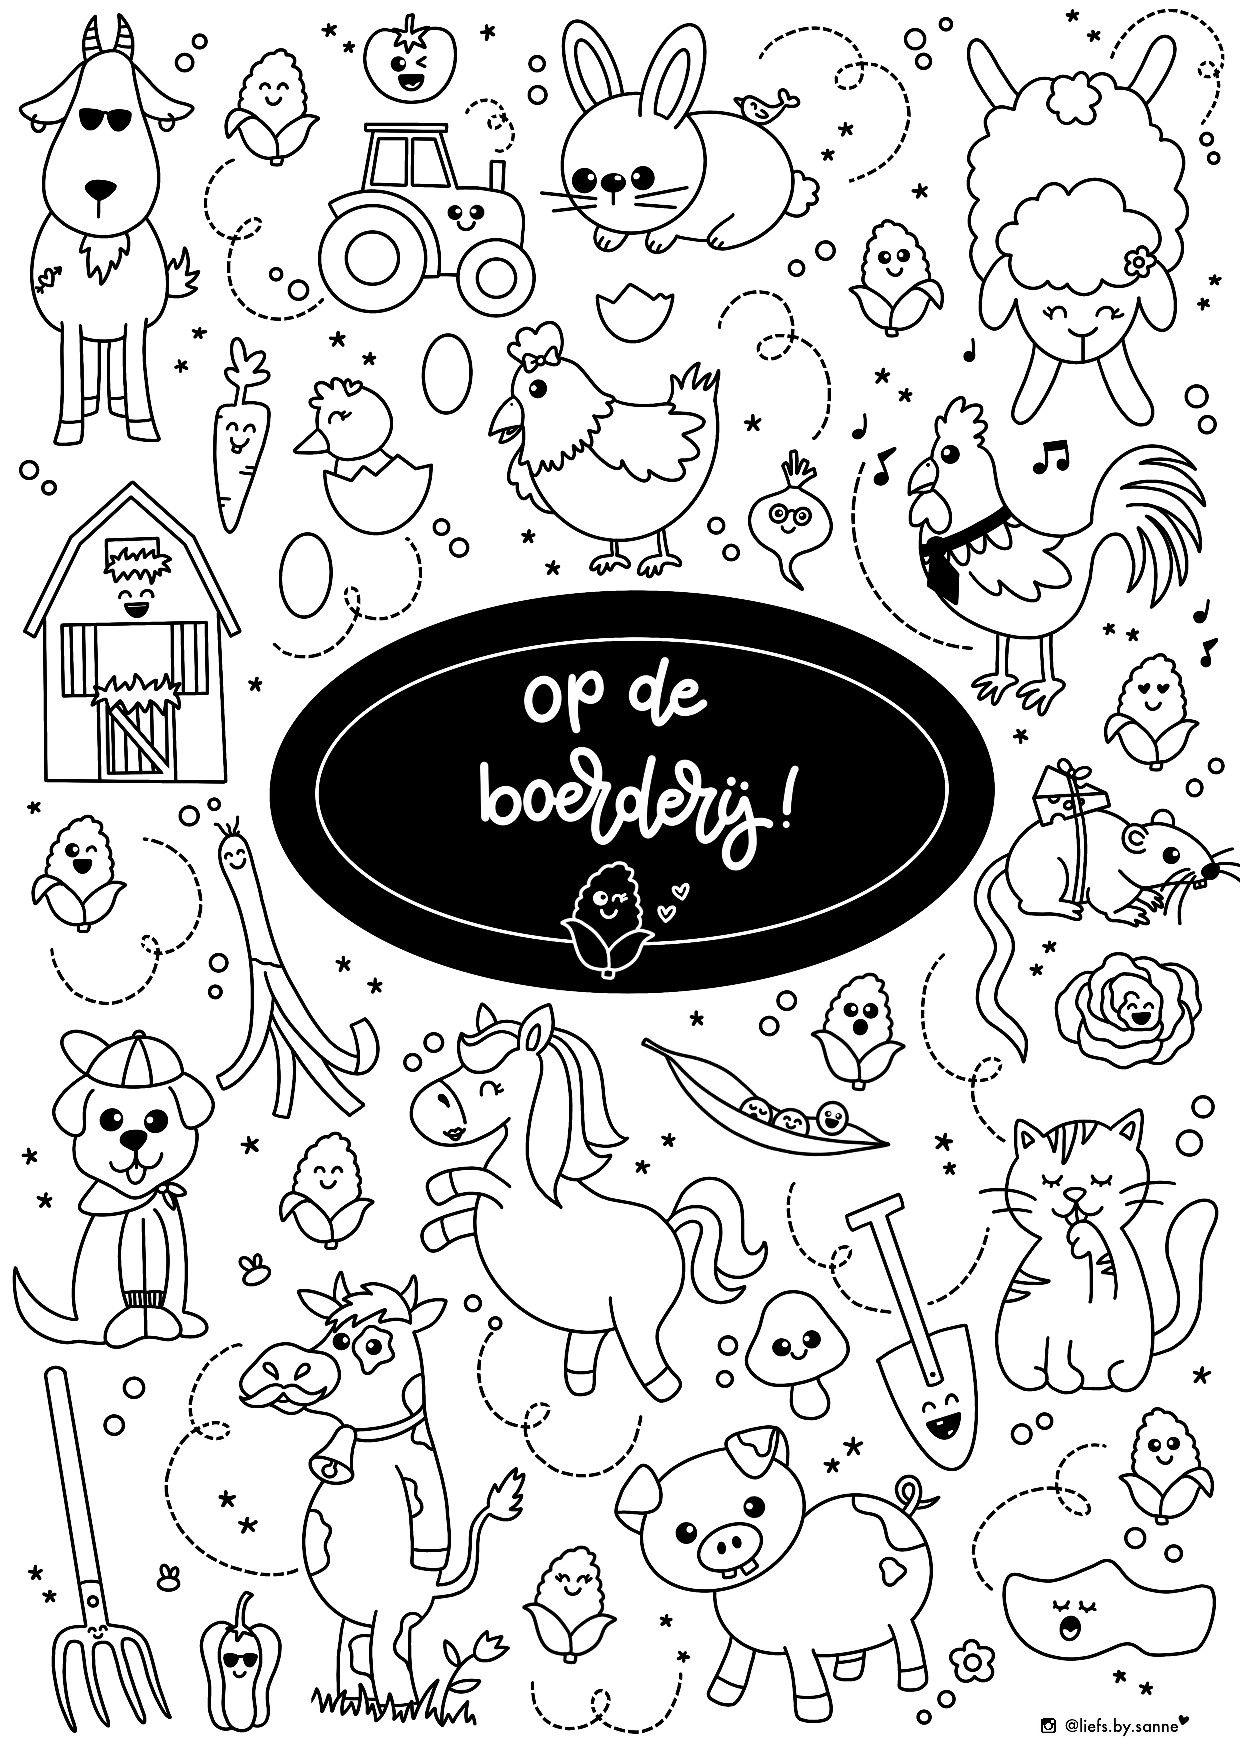 Boerderij Dieren Farm Animals Kleurplaat Coloring Coloringpage Thema Kleurplaten Dieren